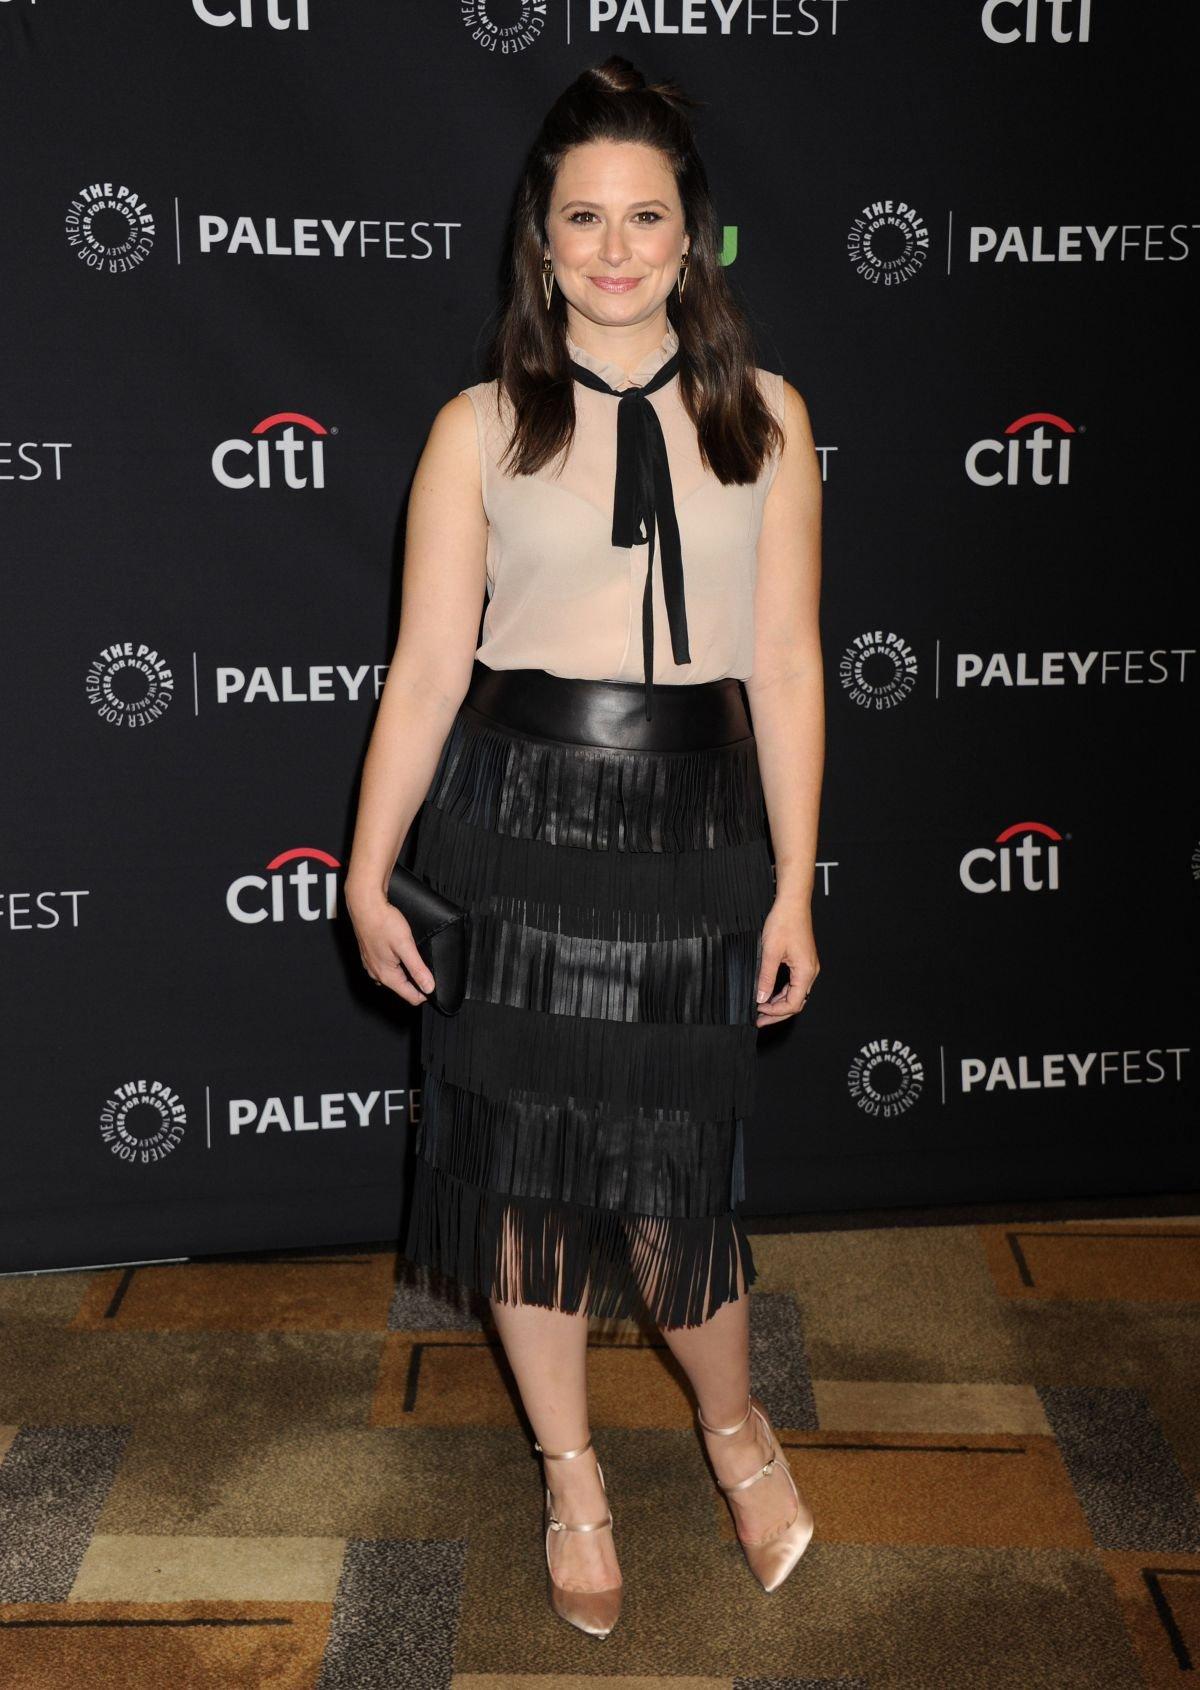 Кэти Лоус выбрала для премьеры фильма юбку с бахромой